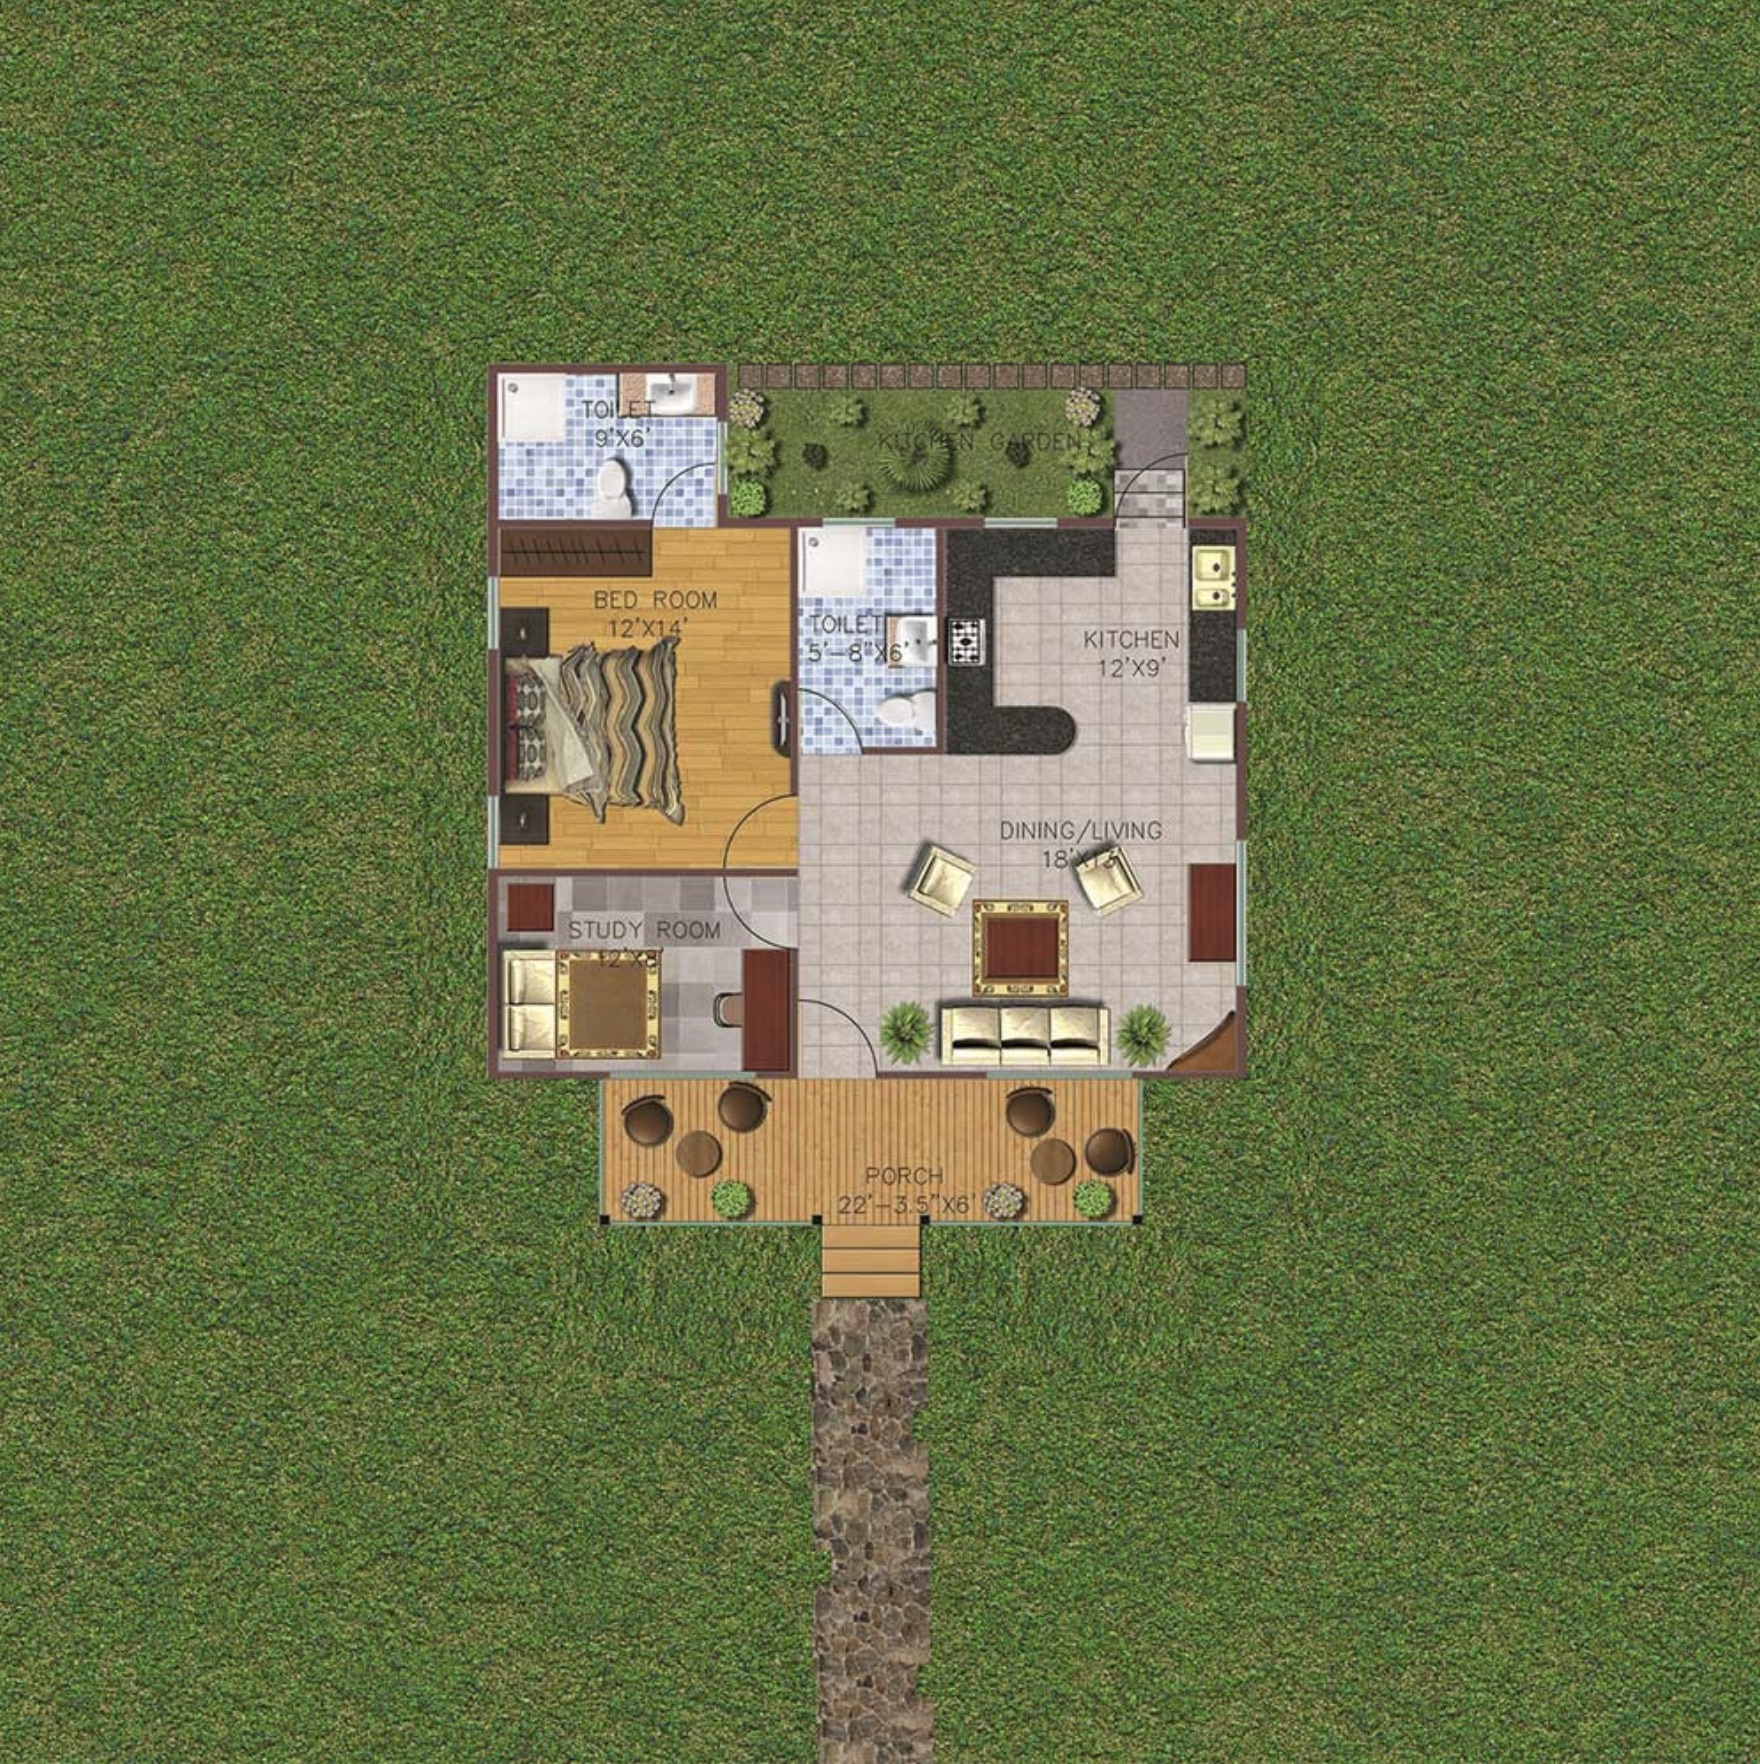 1 Bedroom 914 sq ft